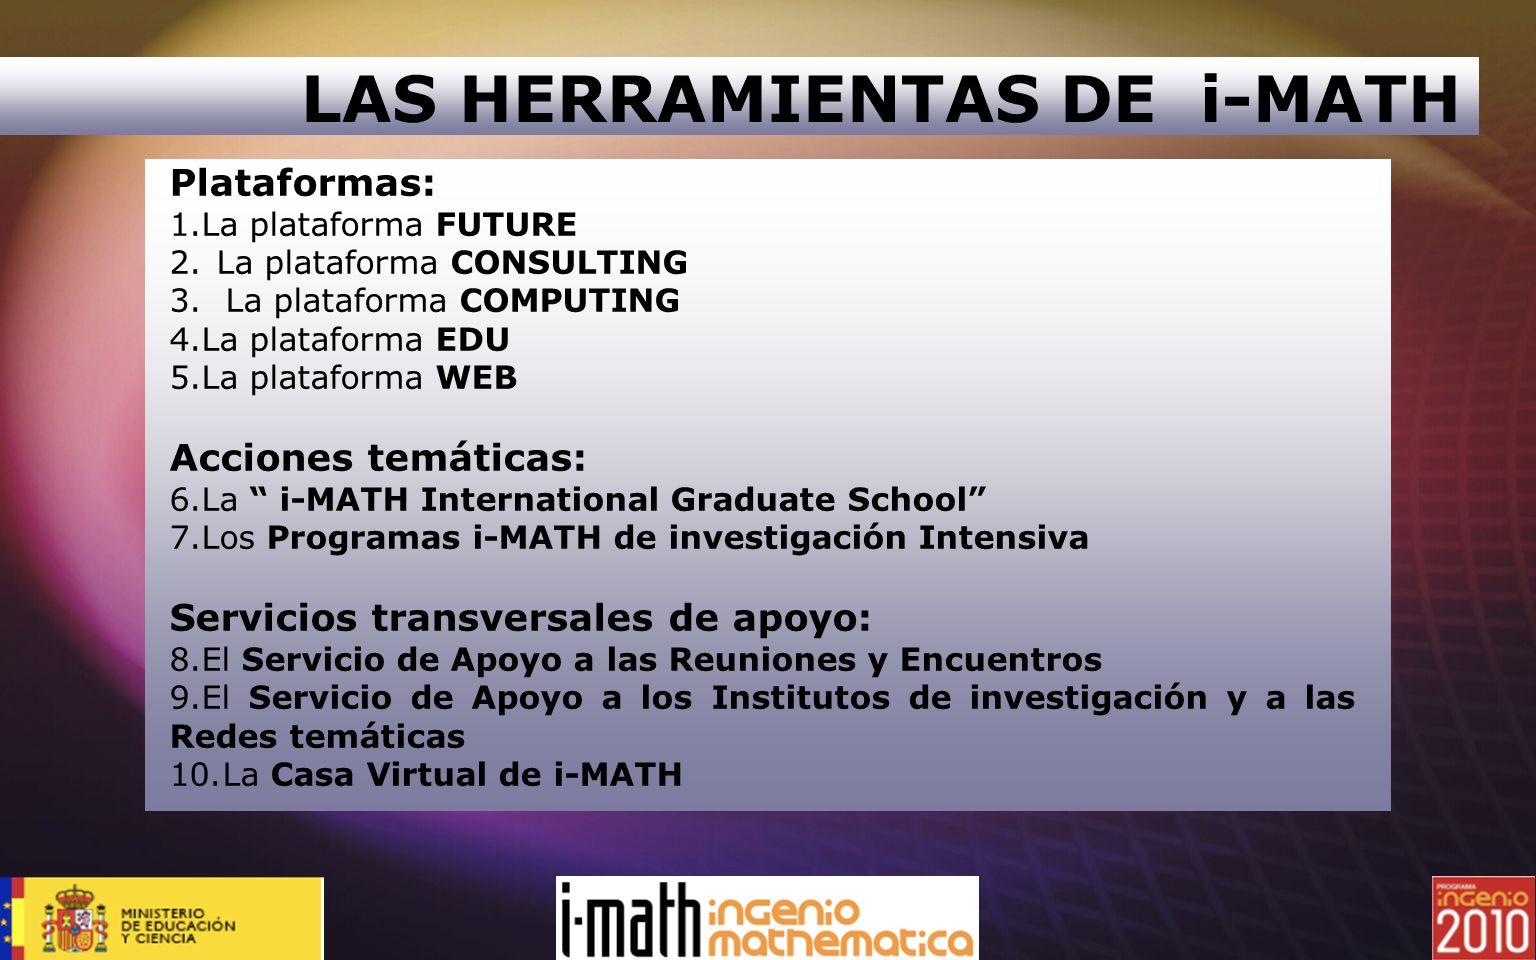 Plataformas: 1.La plataforma FUTURE 2.La plataforma CONSULTING 3.La plataforma COMPUTING 4.La plataforma EDU 5.La plataforma WEB Acciones temáticas: 6